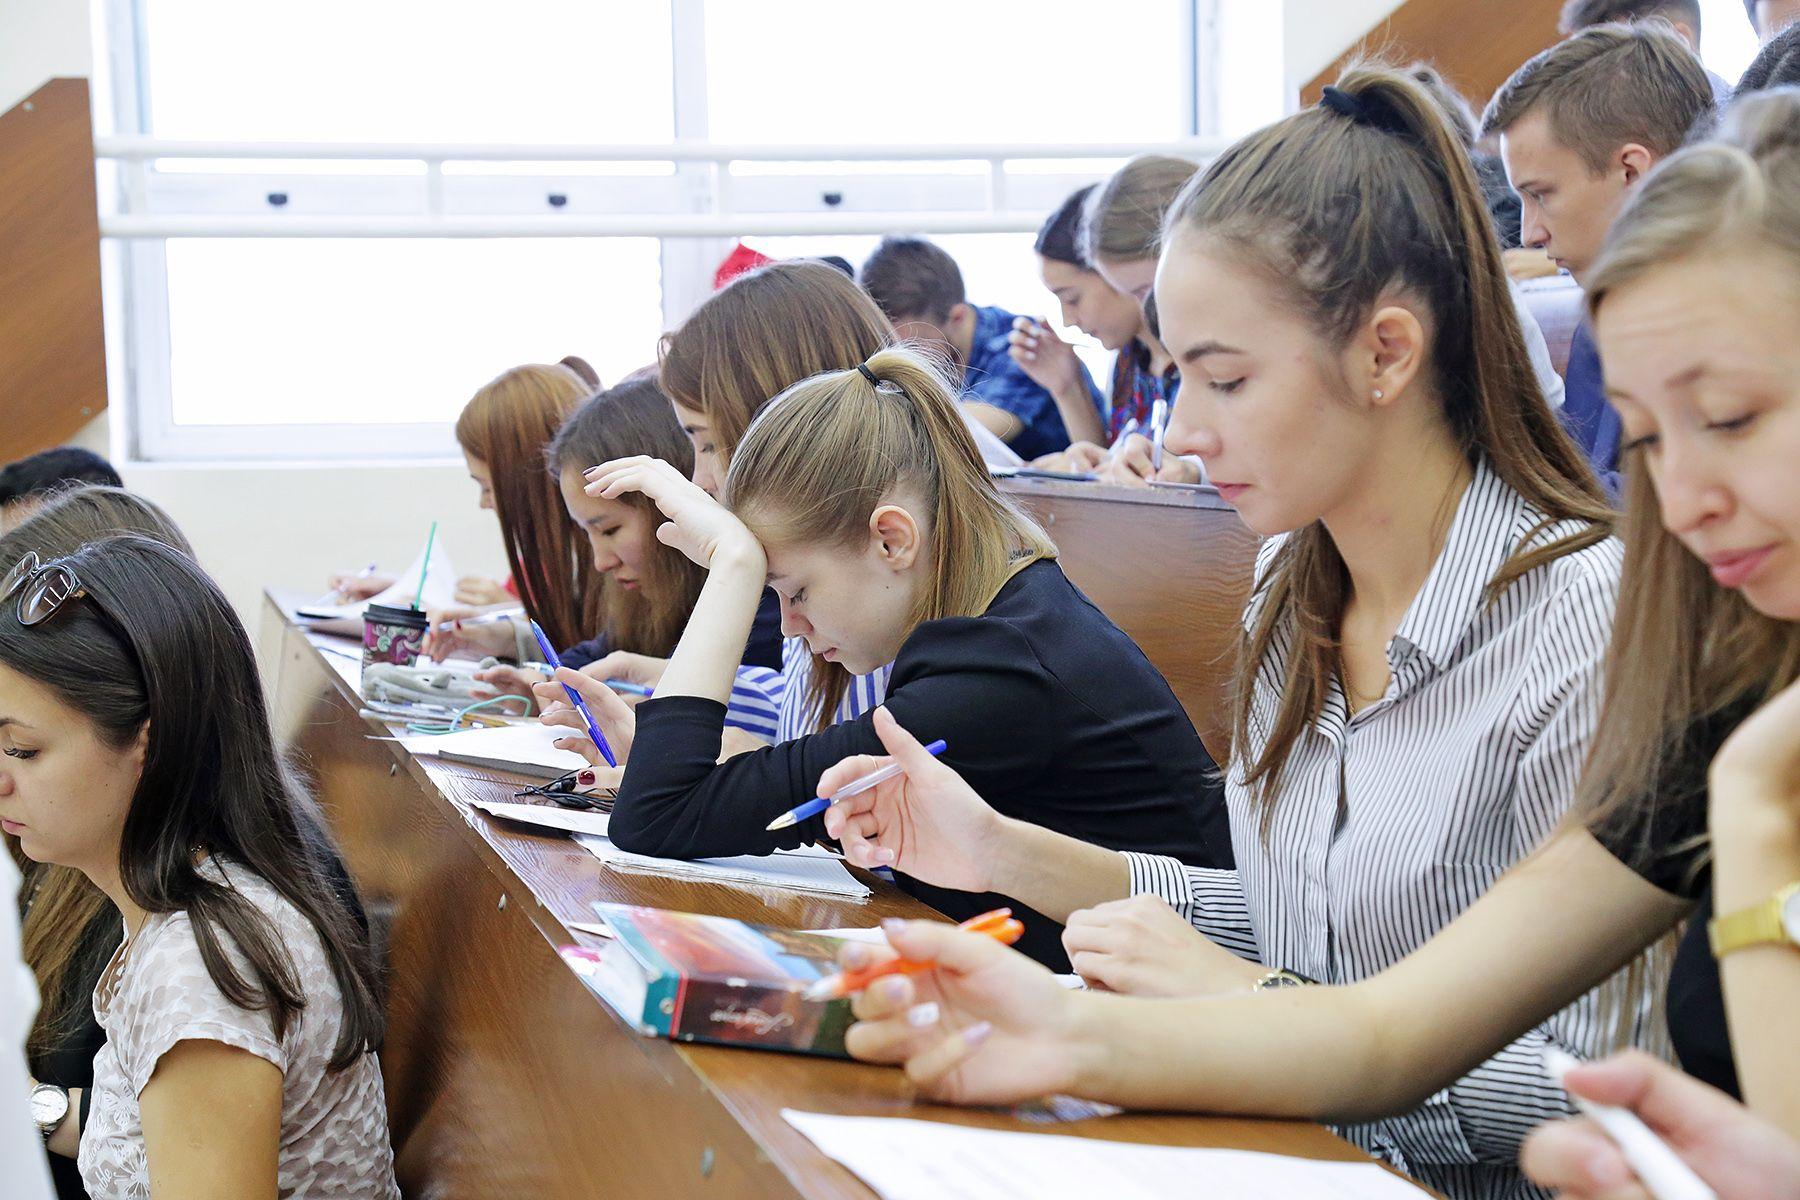 Про драгоценные металлы, рубль и Грибоедова: ВГУЭС участвует во Всероссийском экономическом диктанте